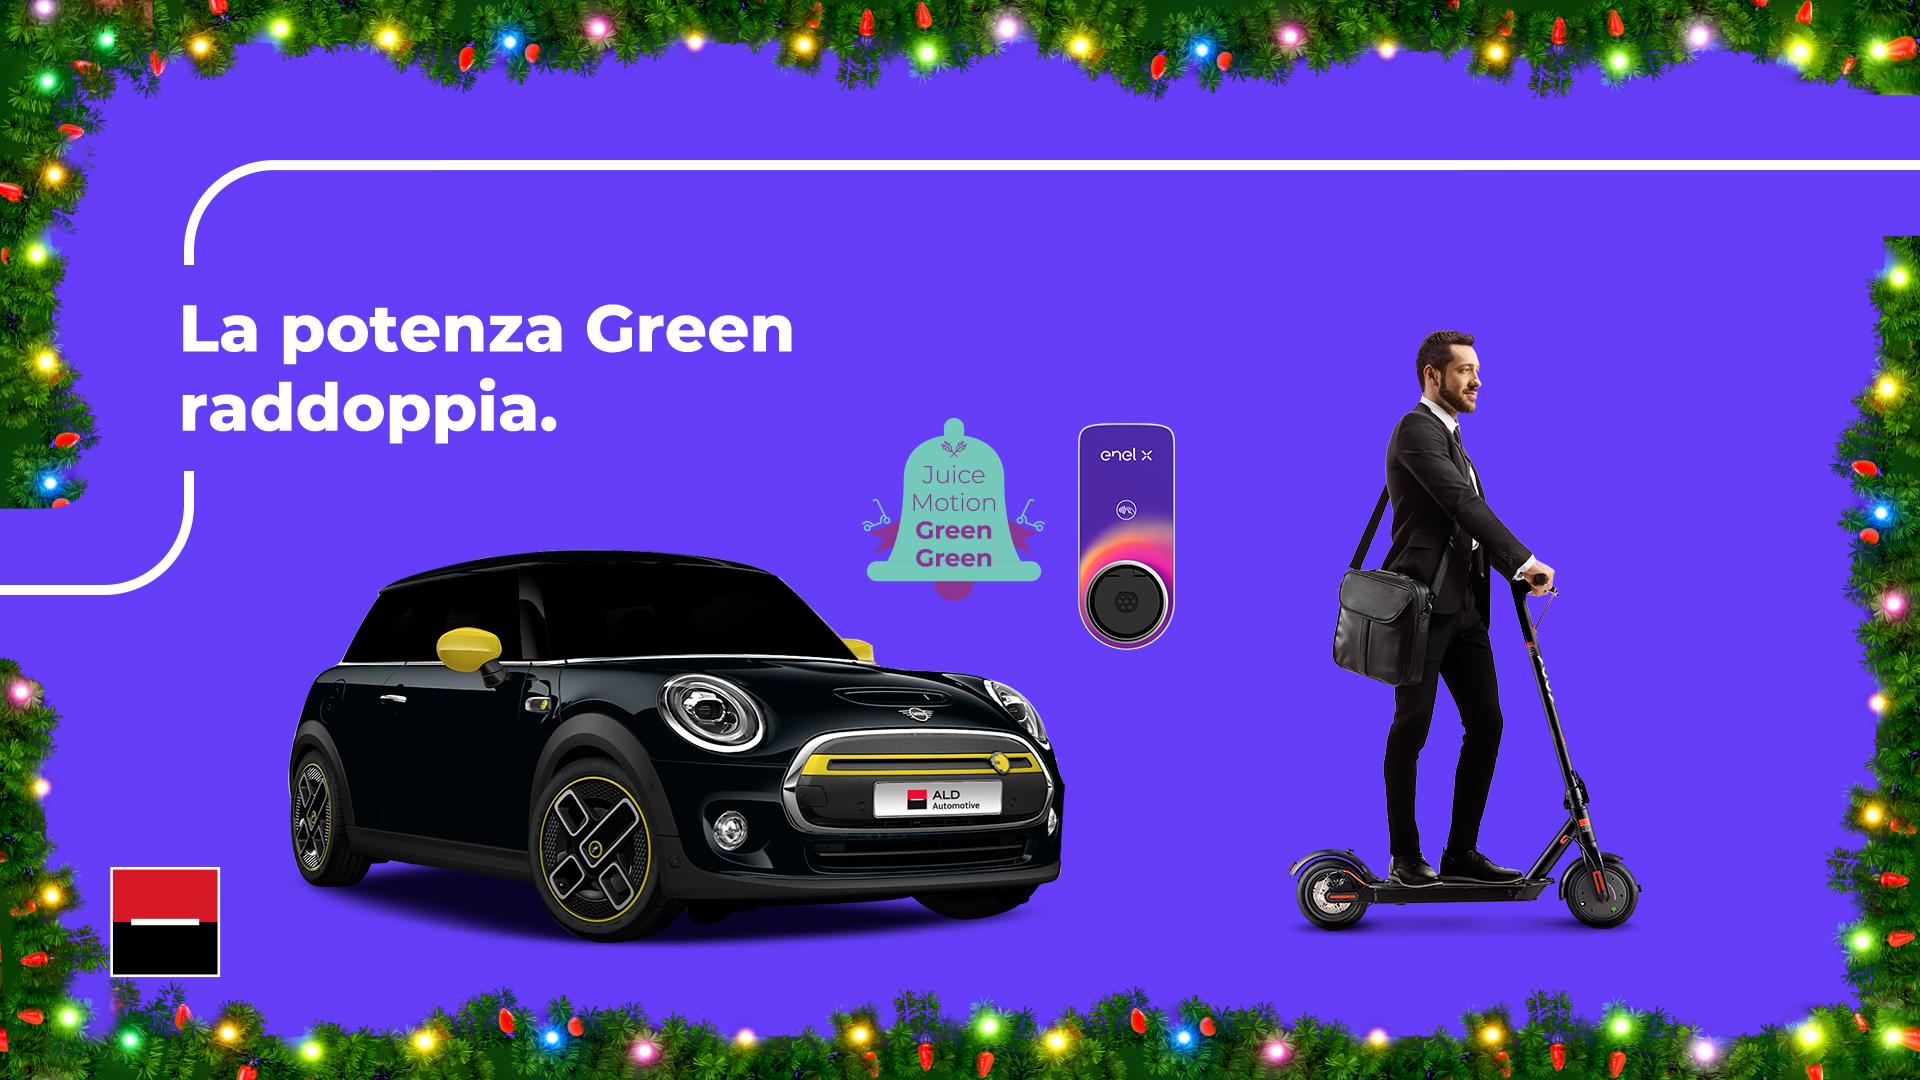 La nuova promo JuiceMotion Green Green di ALD